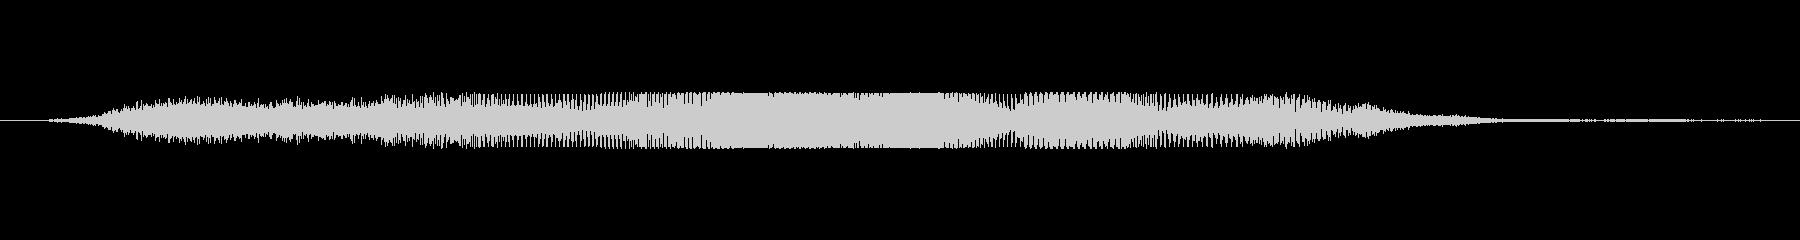 モンスター いびきブレスロー09の未再生の波形